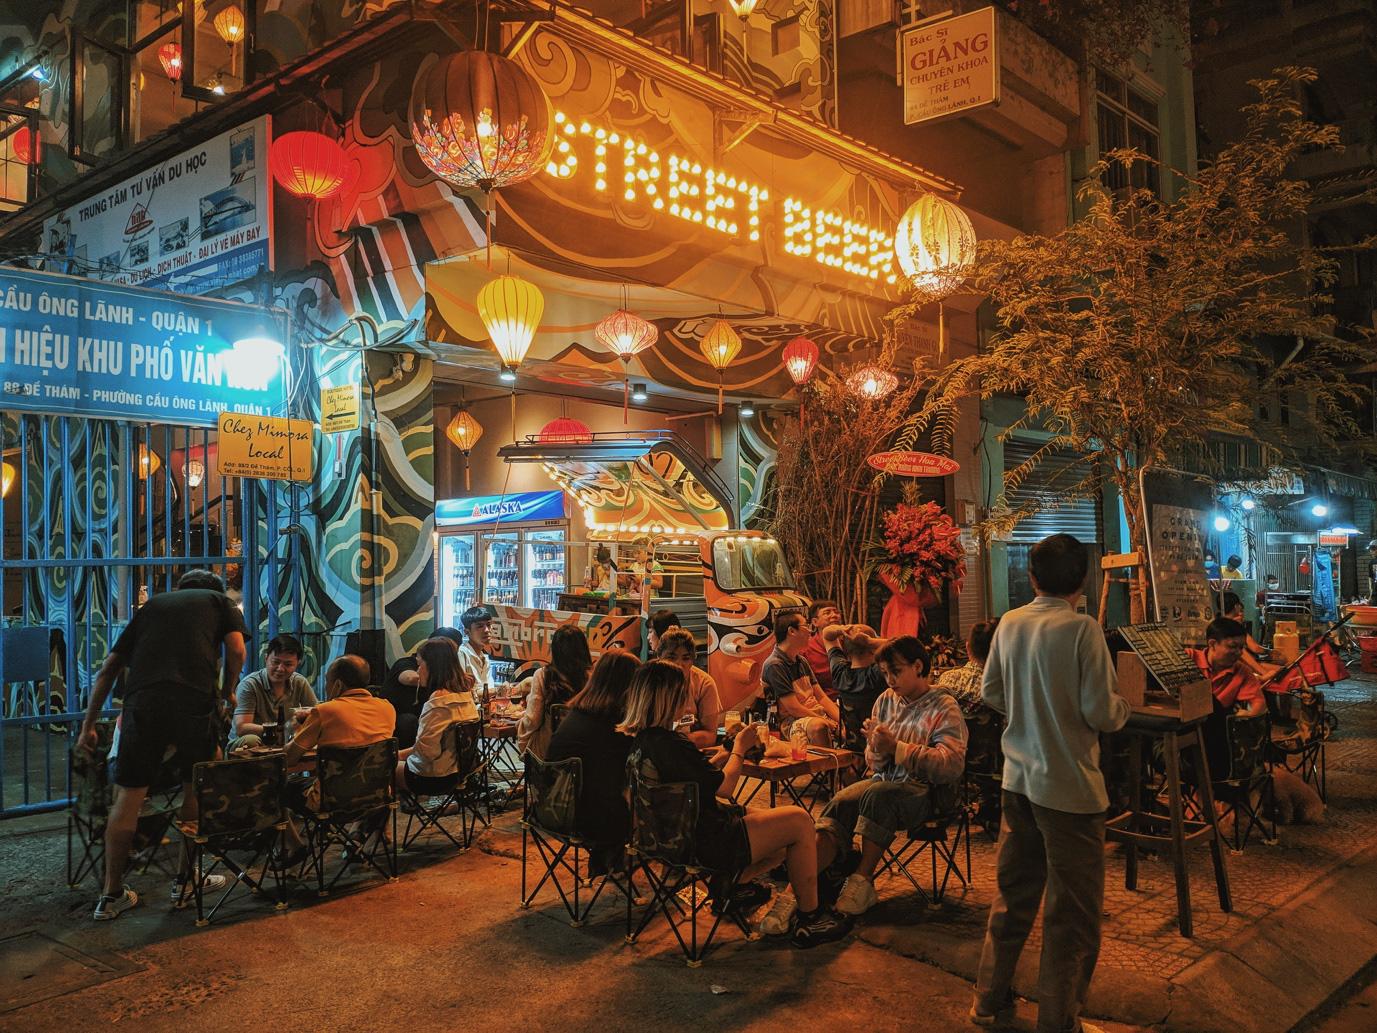 Quán chill mang phong cách Đại Việt nổi bật giữa khu vui chơi sầm uất bậc nhất Sài thành - Ảnh 4.